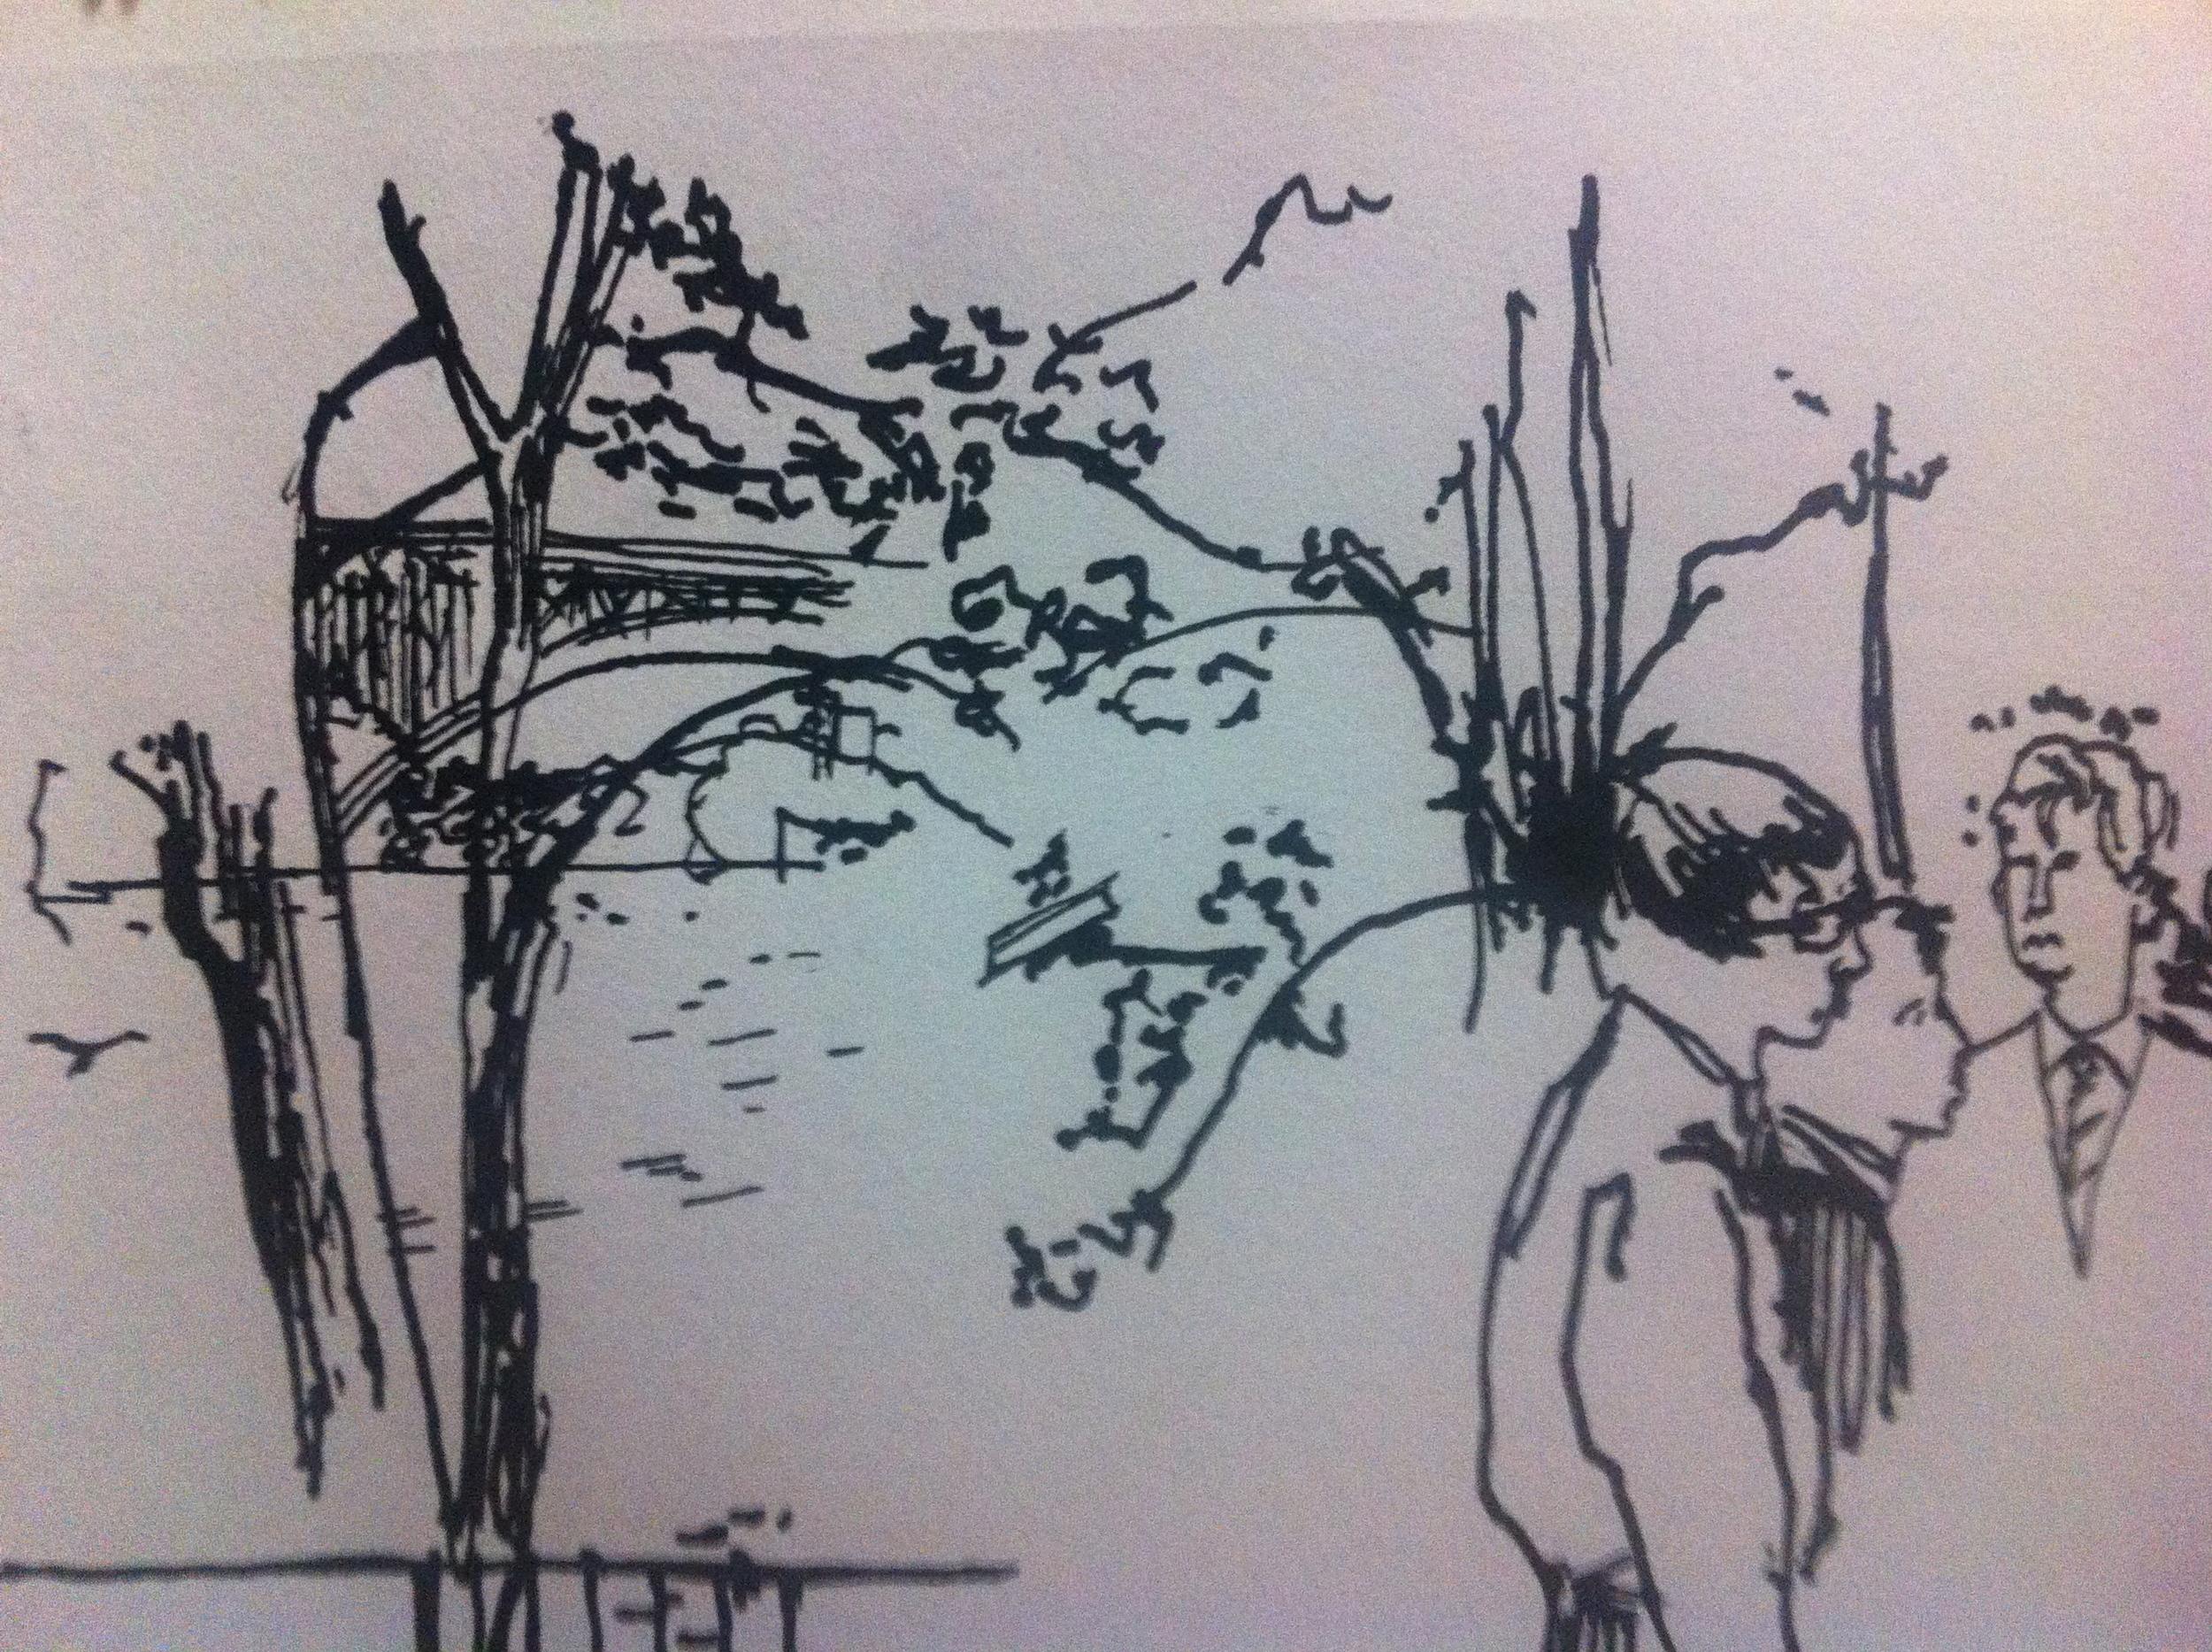 On-set sketch of Bowesmen